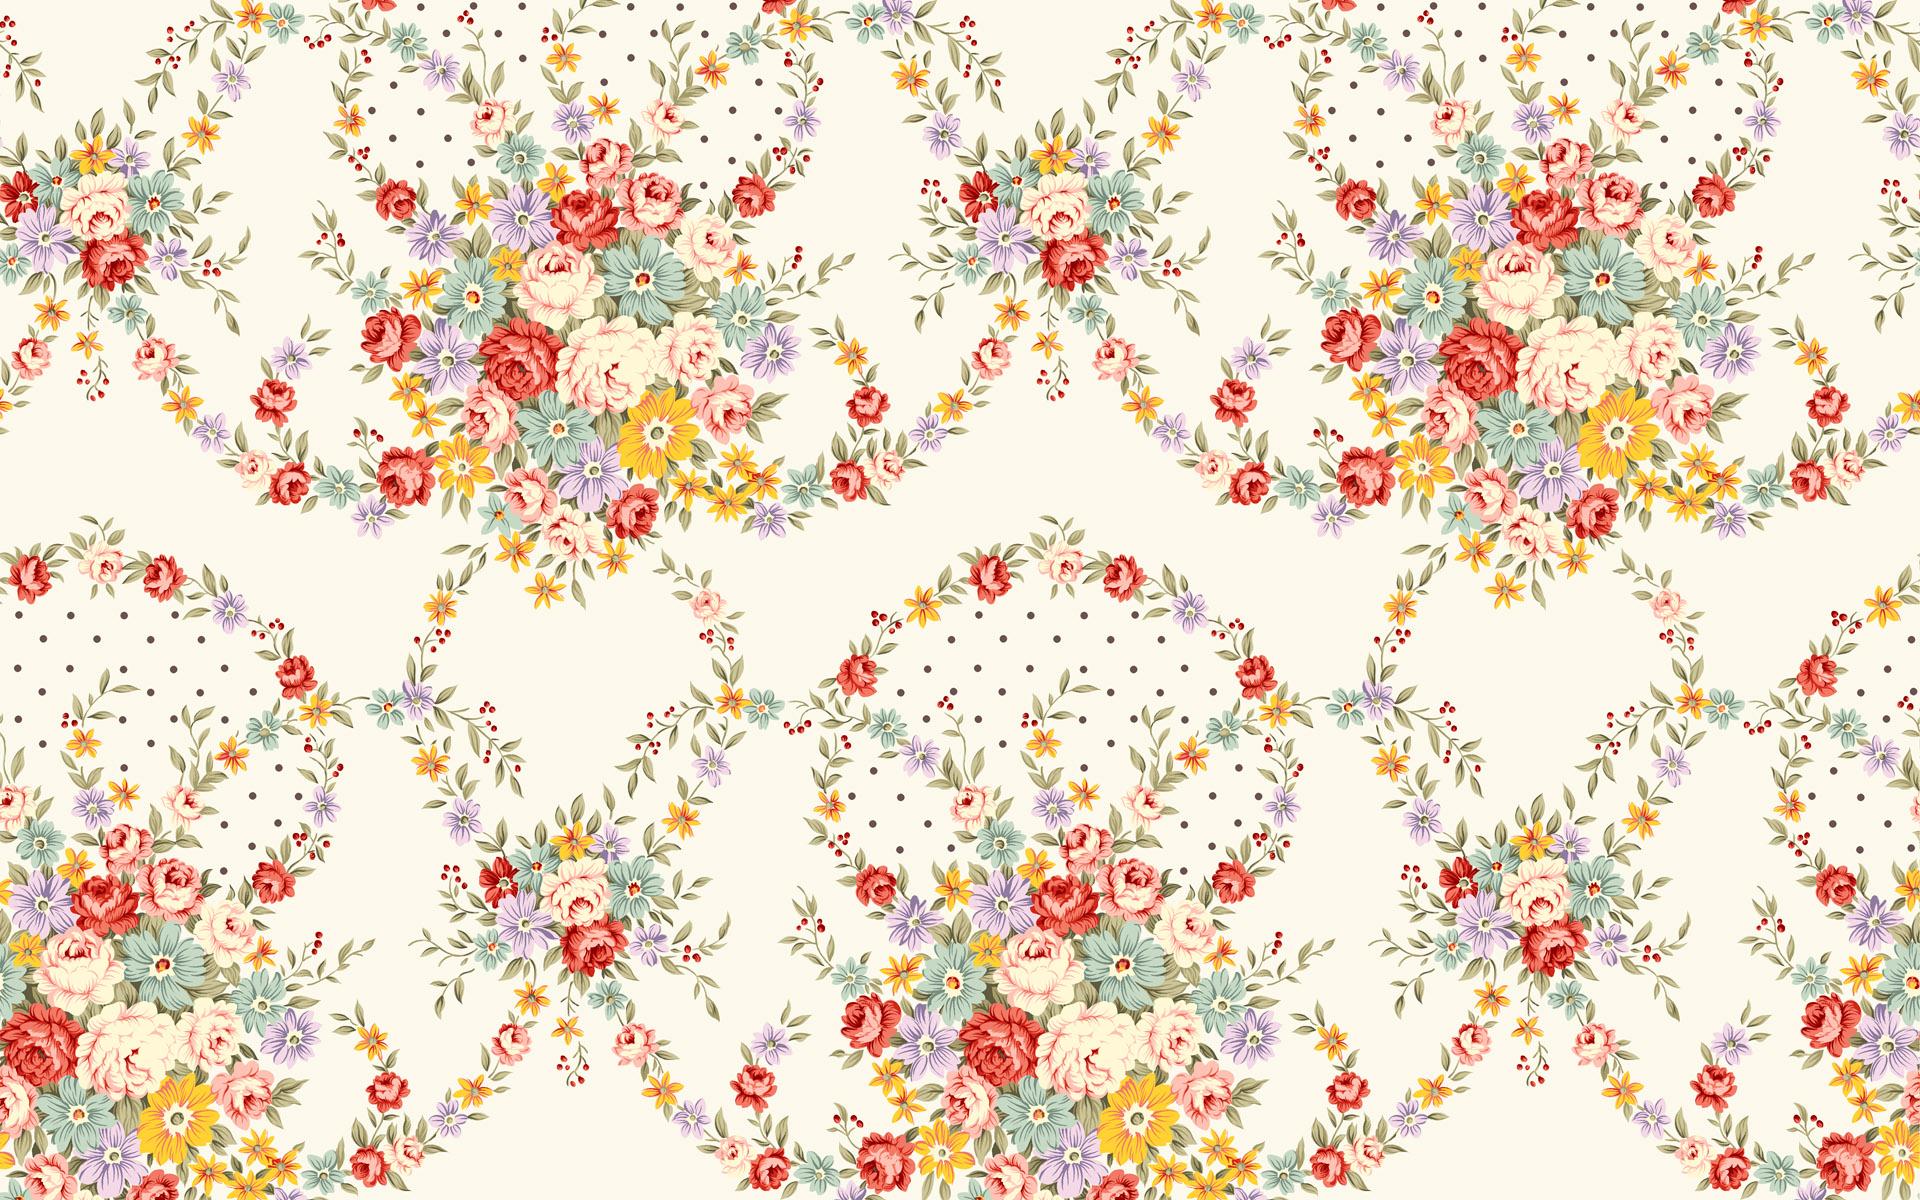 Flower Wallpaper Tumblr 038